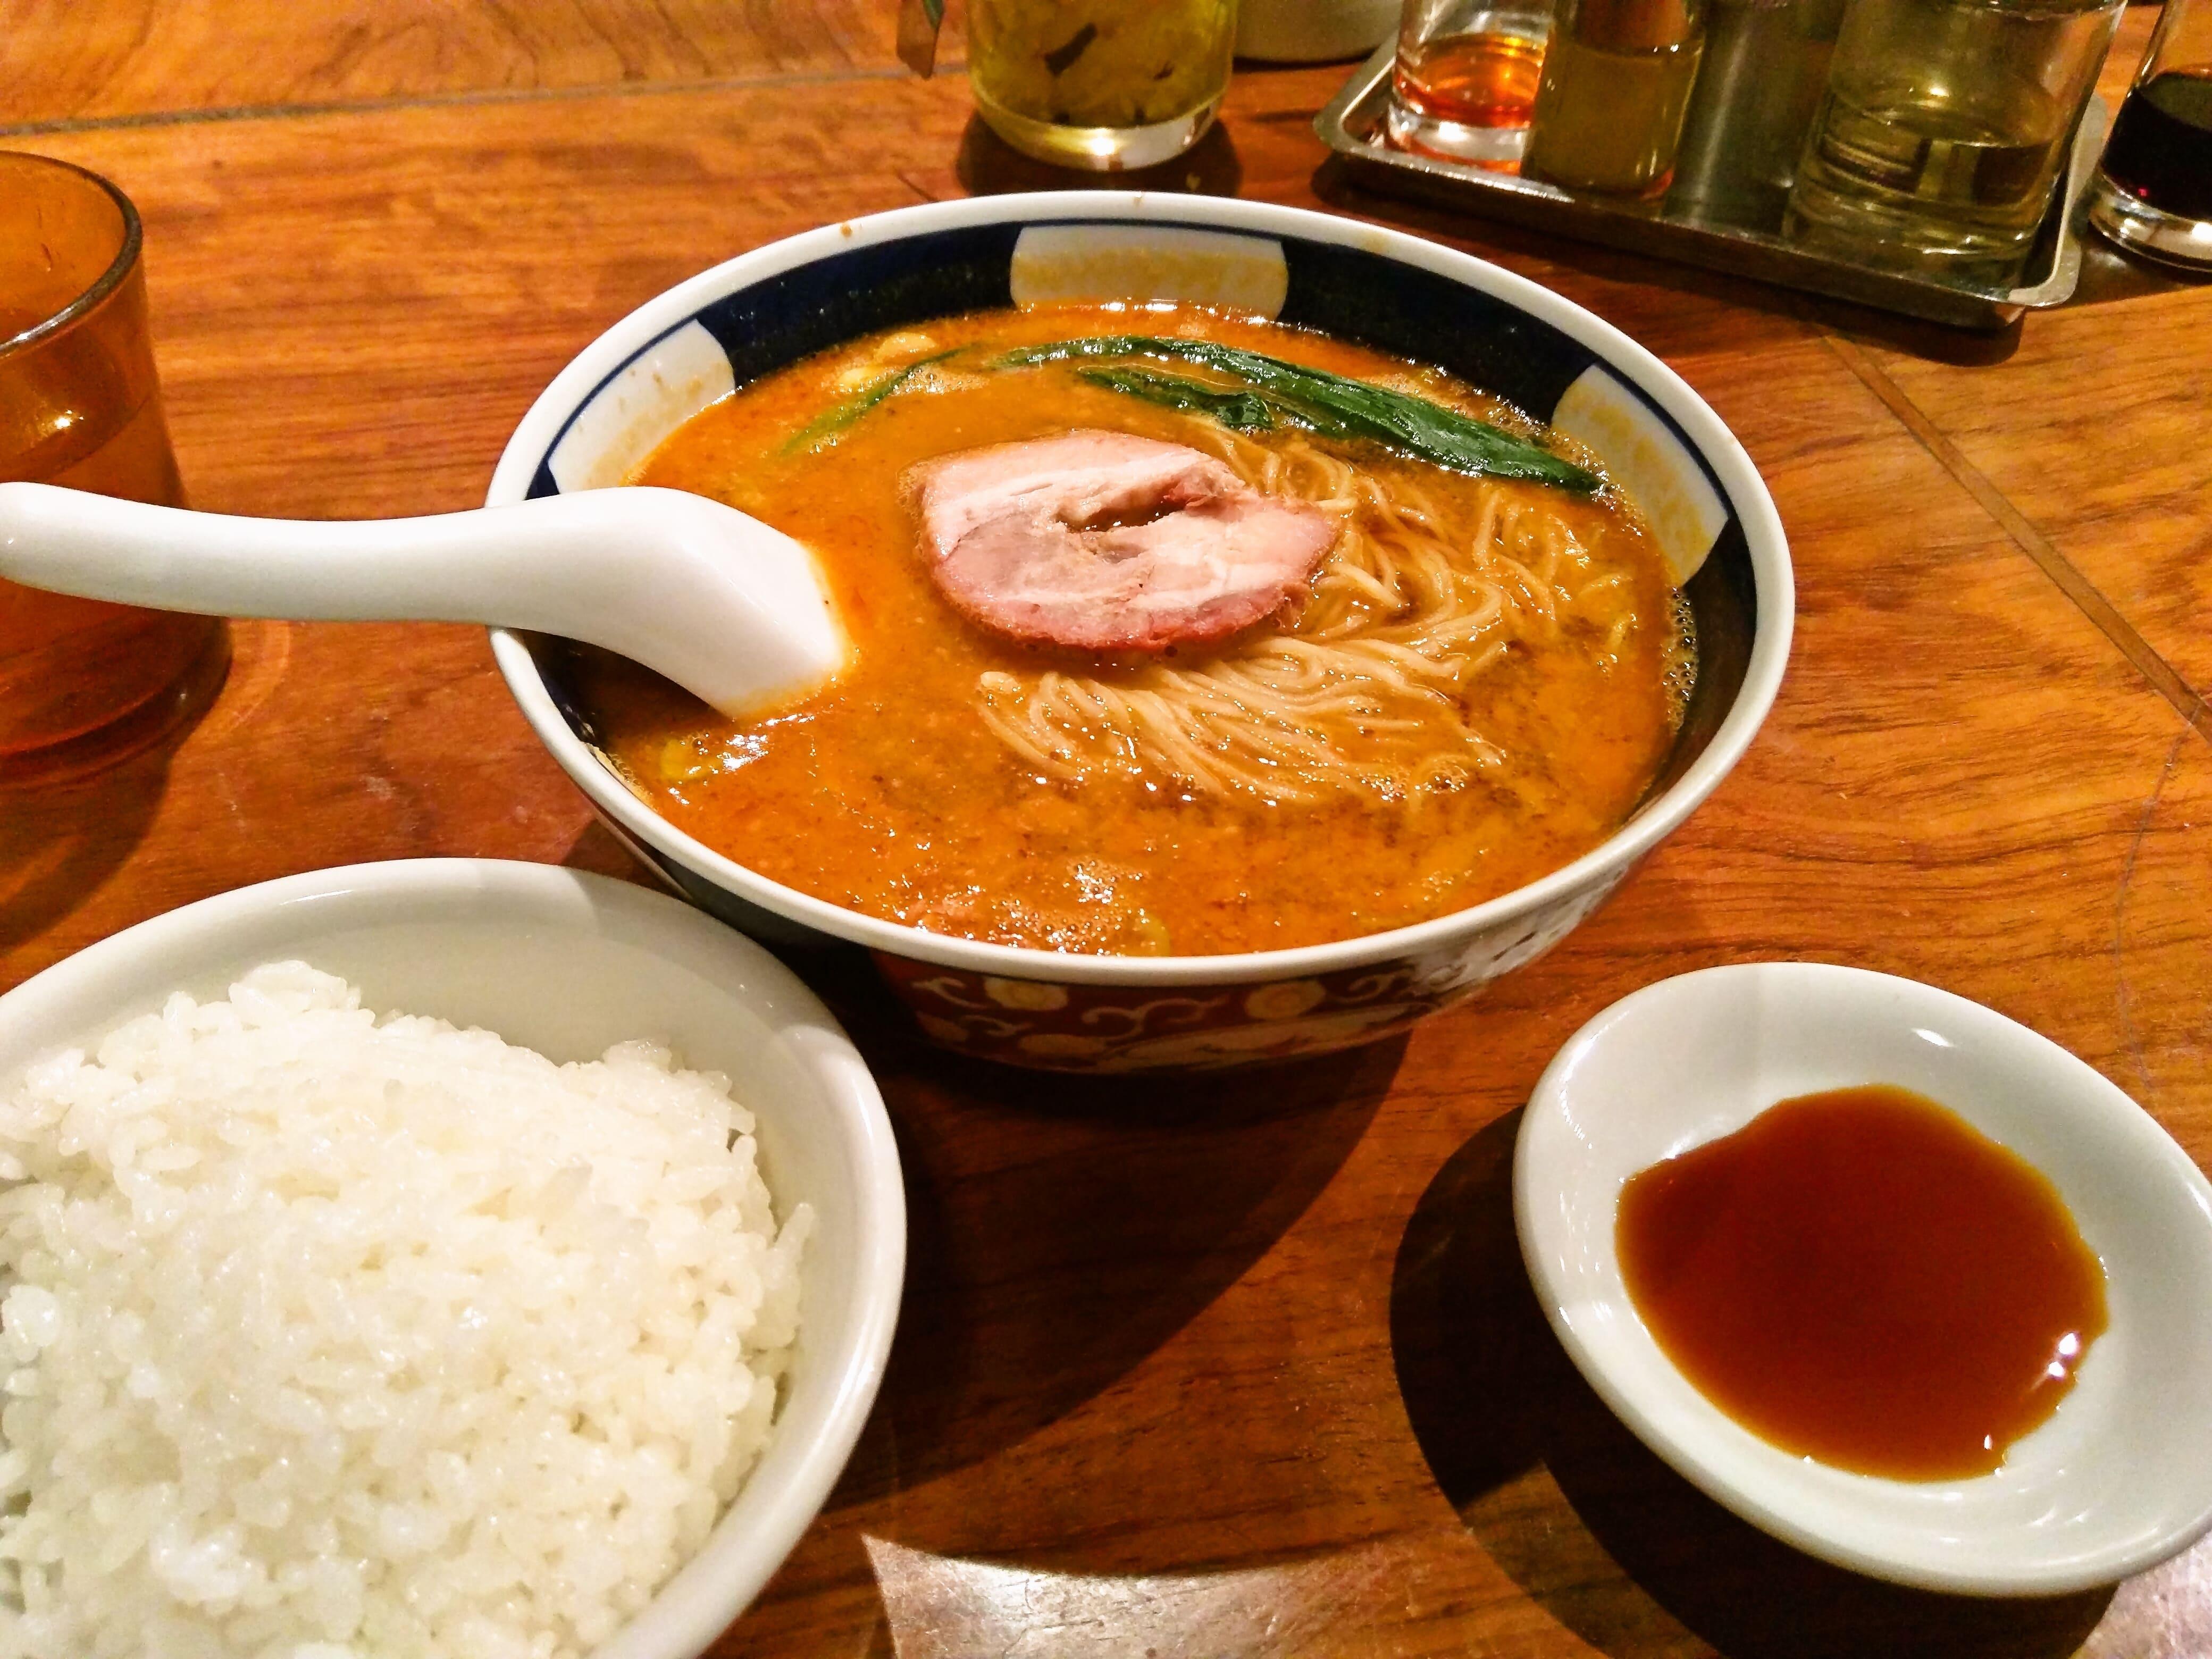 朝まで食べられる美味しい支那麺 ~ 銀座 はしご 本店